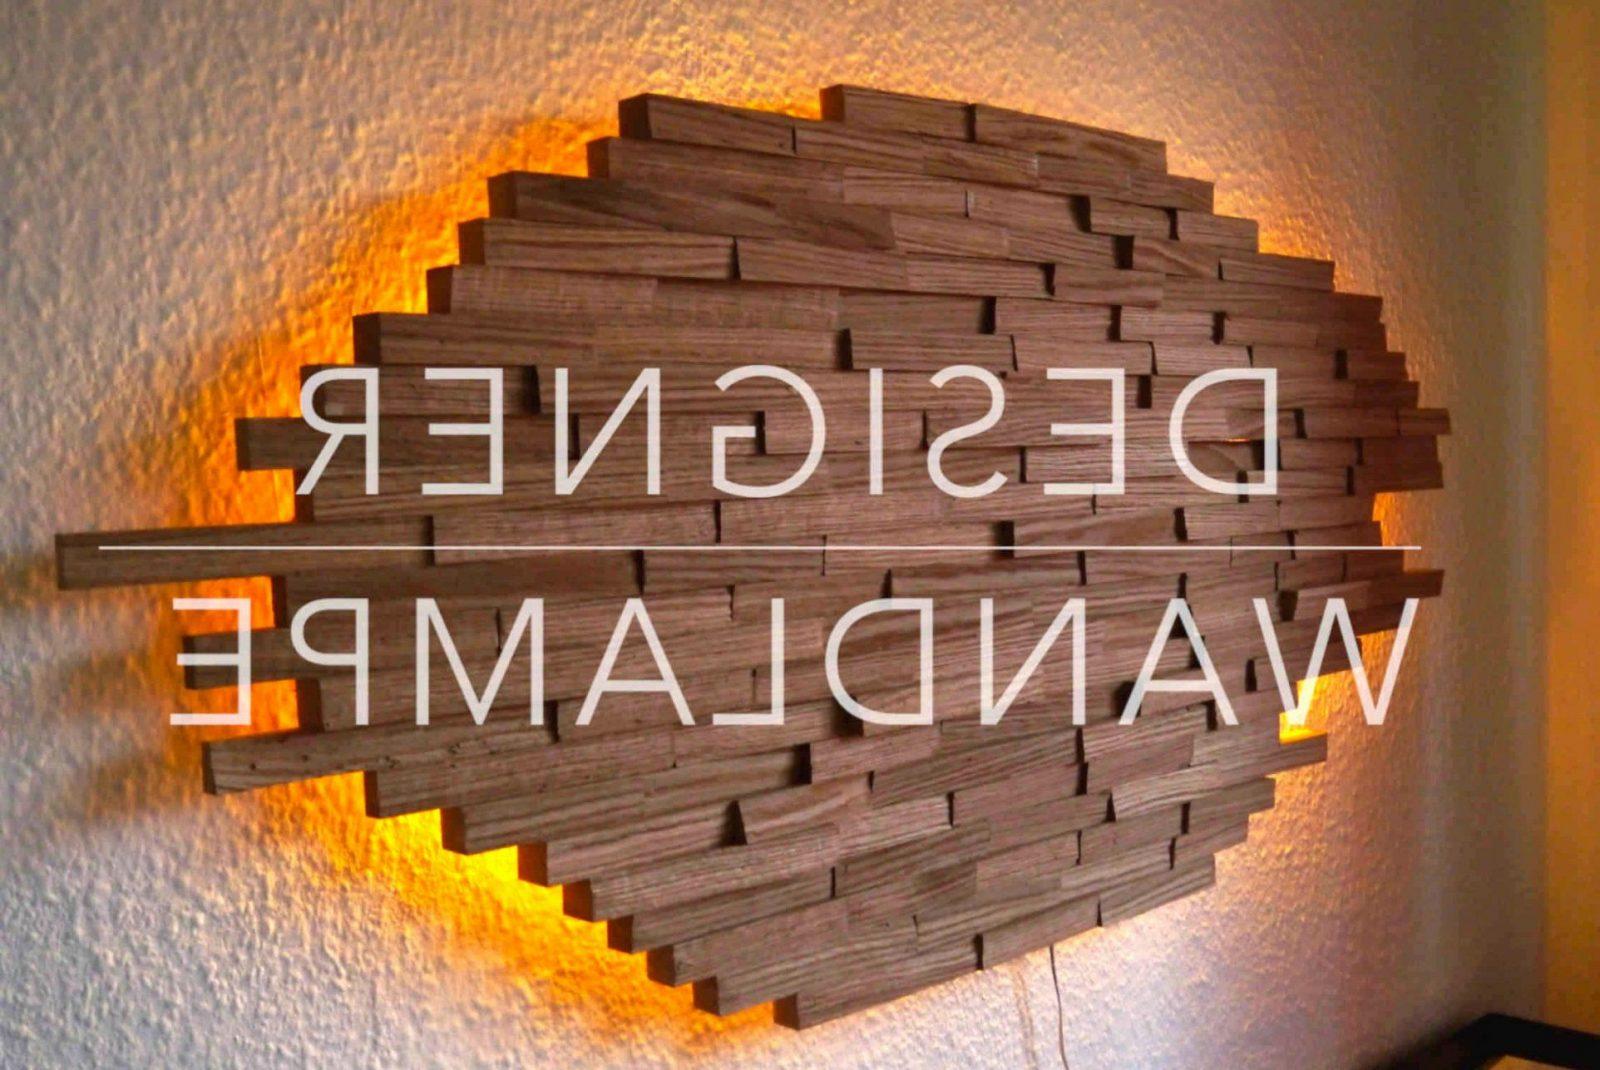 50 Schön Holz Wandleuchte Bilder  Alternabiocarbon von Wandleuchte Holz Selber Bauen Bild